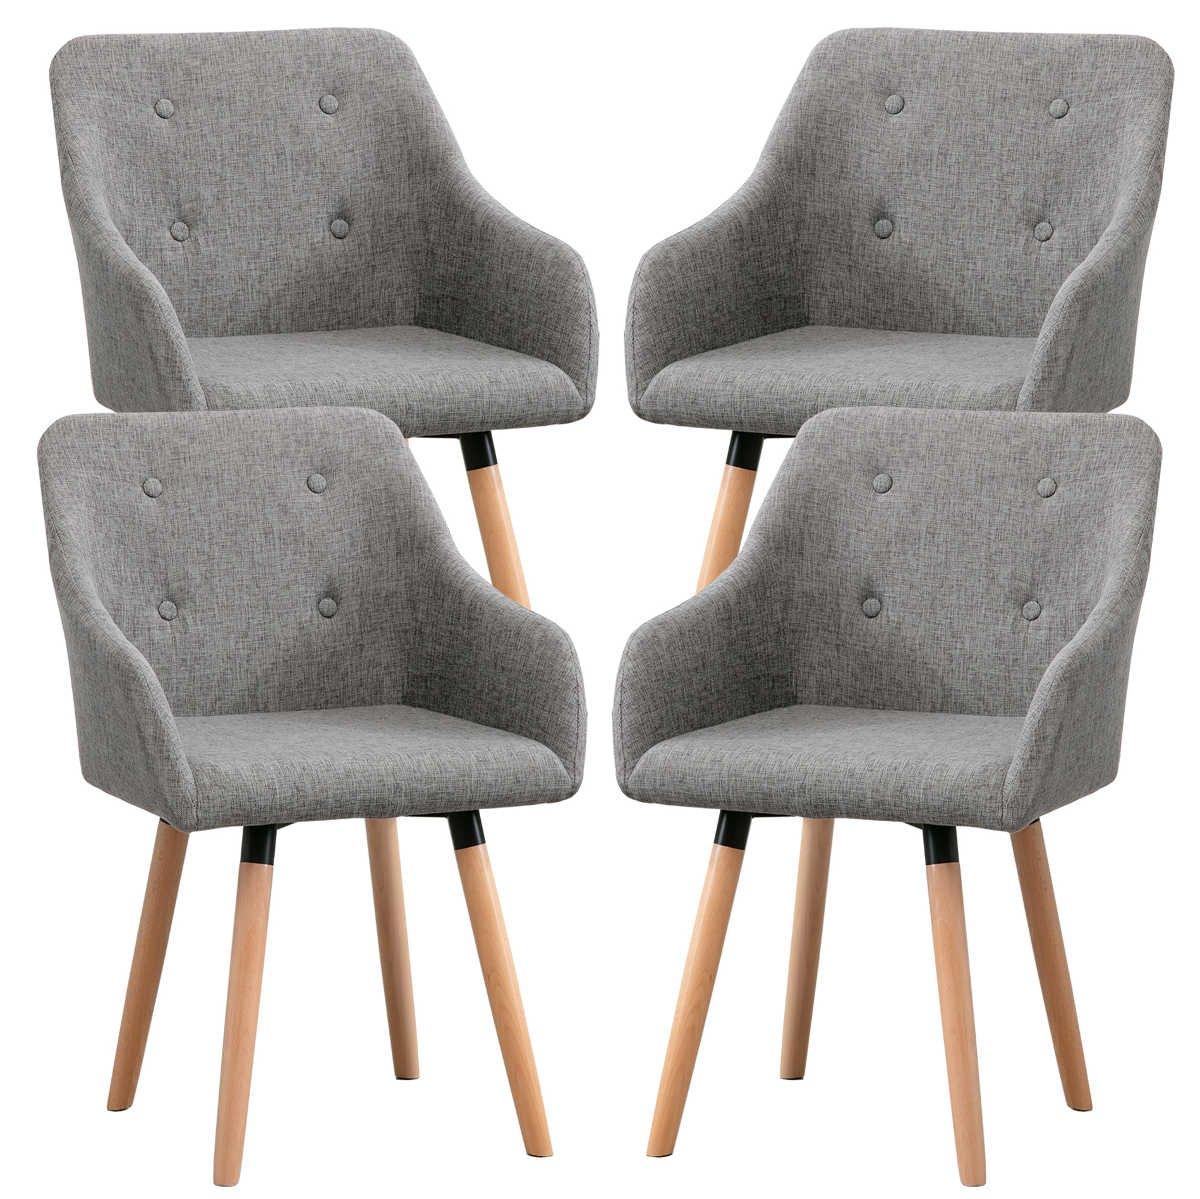 6 Esszimmerstühle Mit Stoffbezug - Design